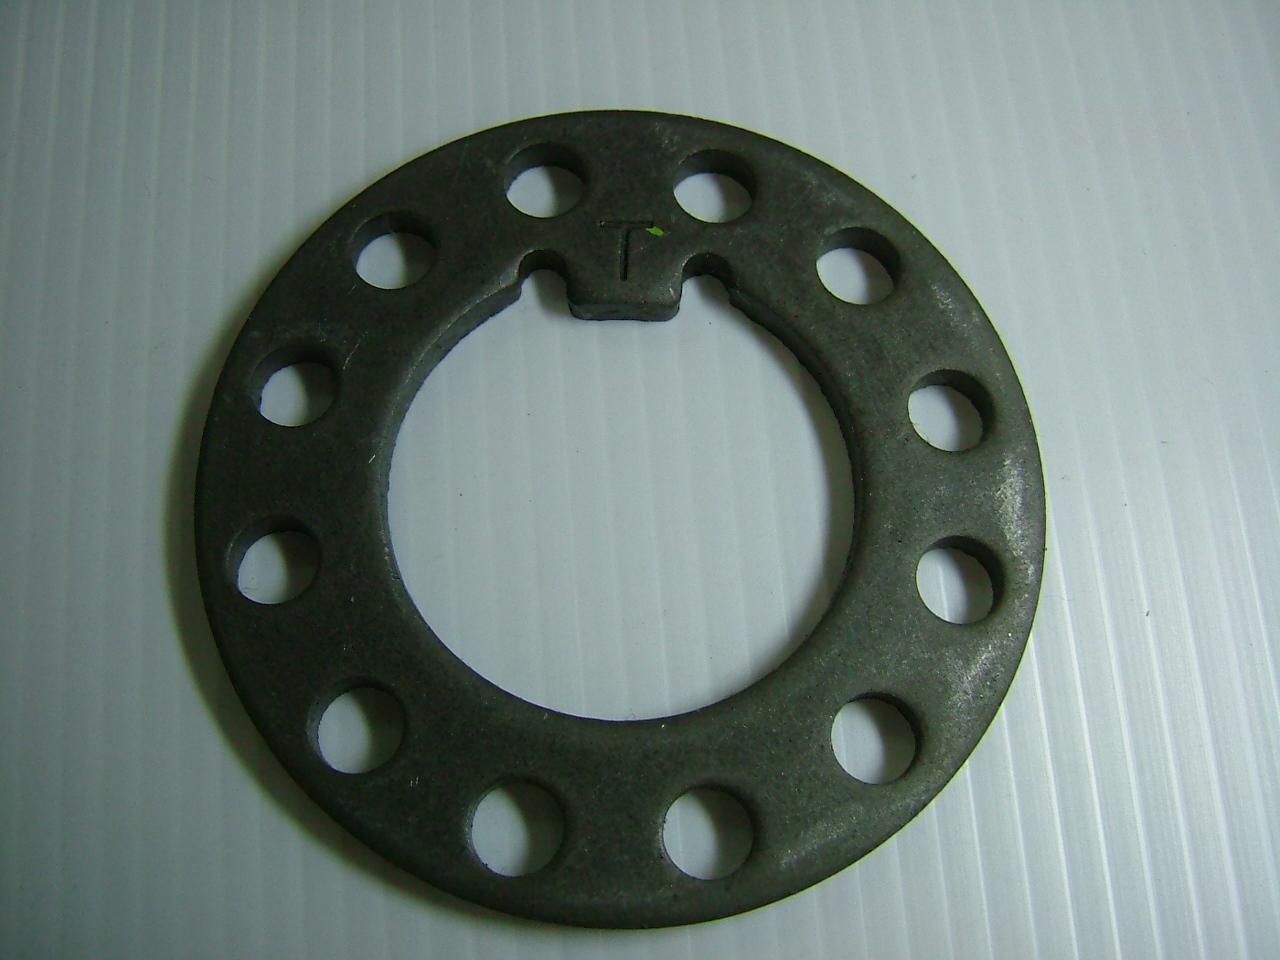 แหวนล็อคเพลาหน้า ISUZU BUS200HP-ROCKY-SBR-JUMBO (2328017)